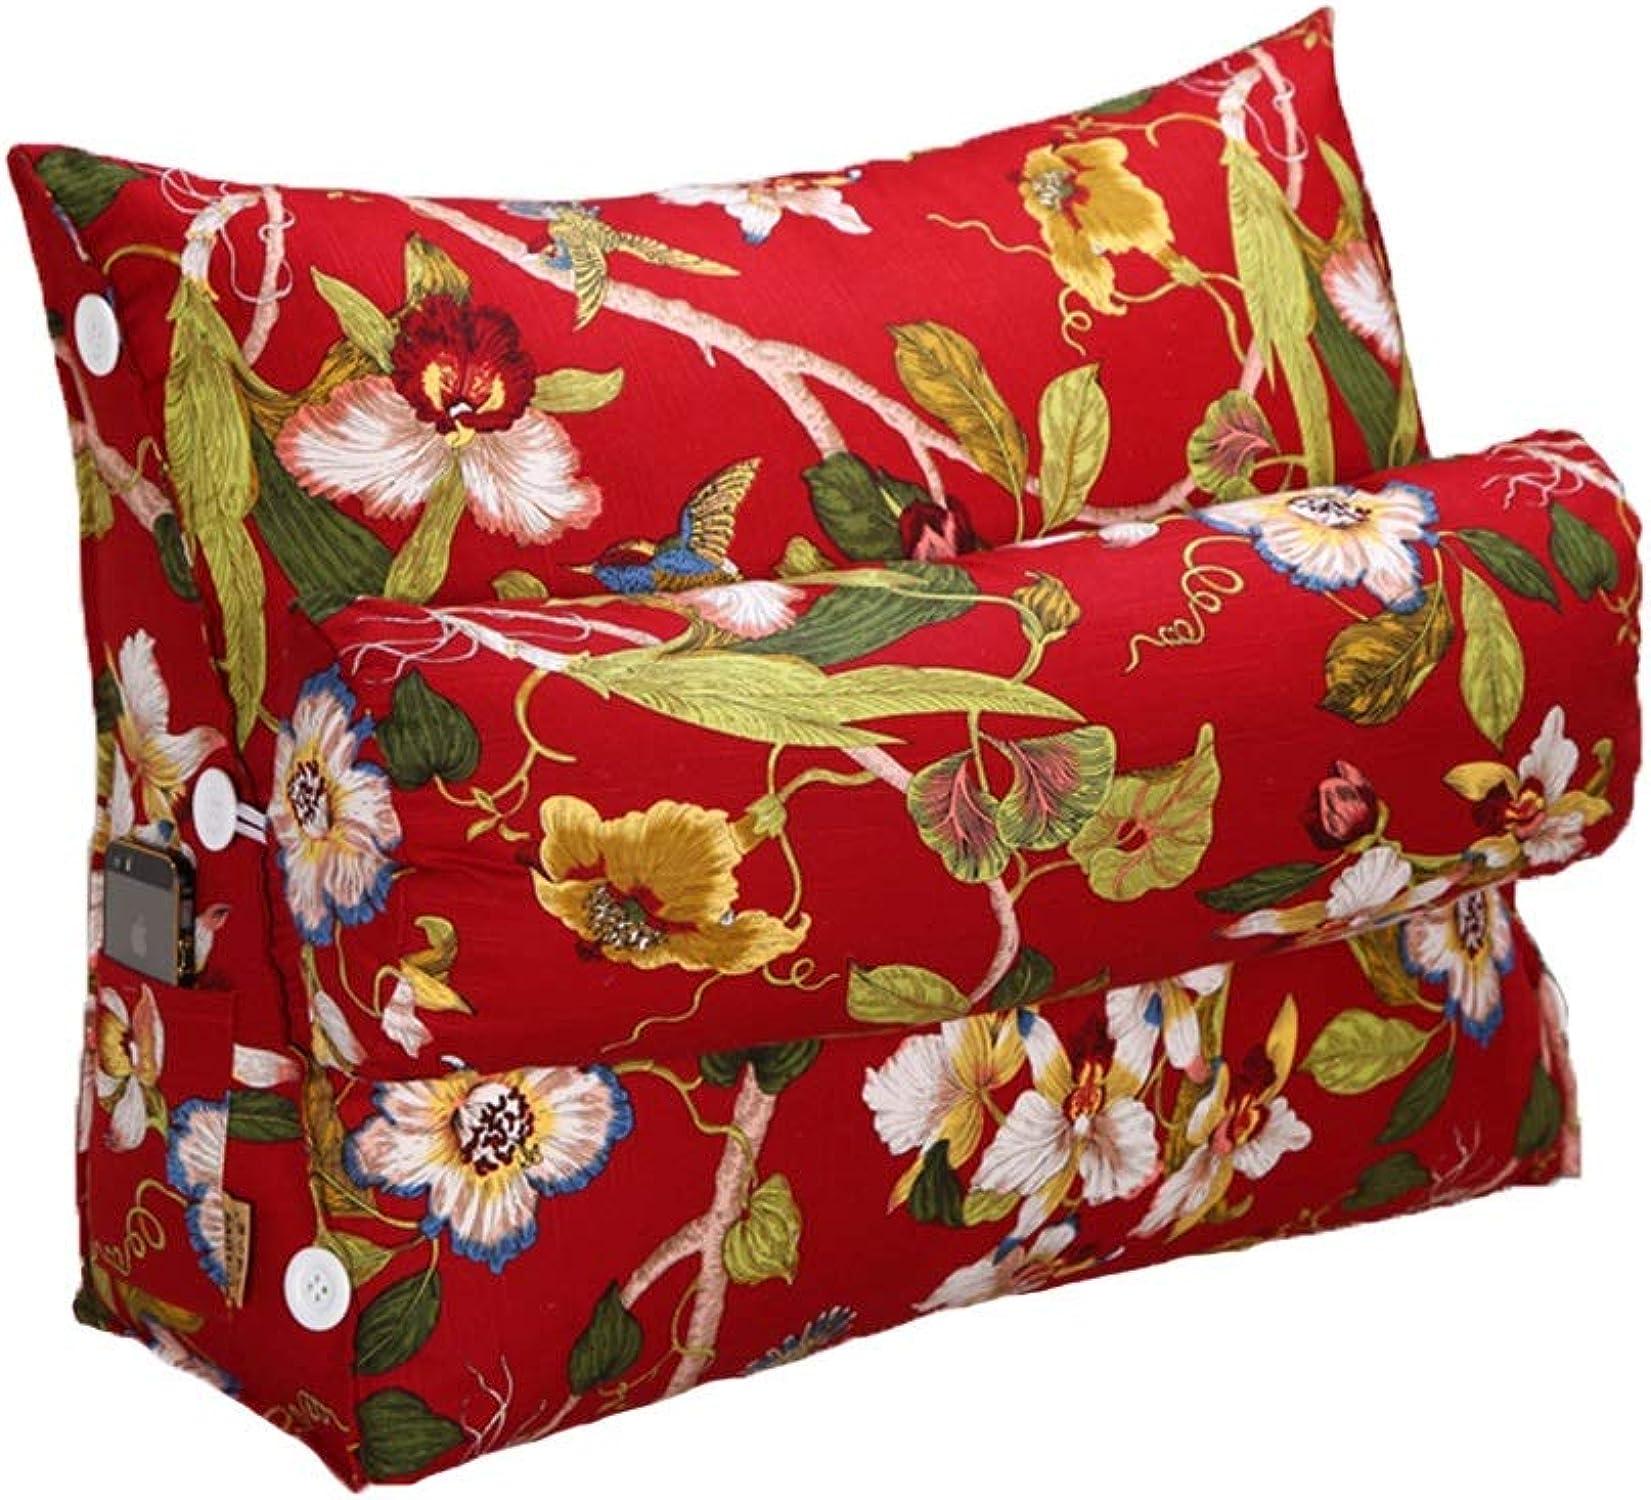 Coussin en tissu pour canapé-lit Coussin d'oreiller de lecture de coin de lit, coussin de taille de coussin de sofa de coussin d'oreiller de soucravaten de positionneHommest triangulaire de cale-taille de bu